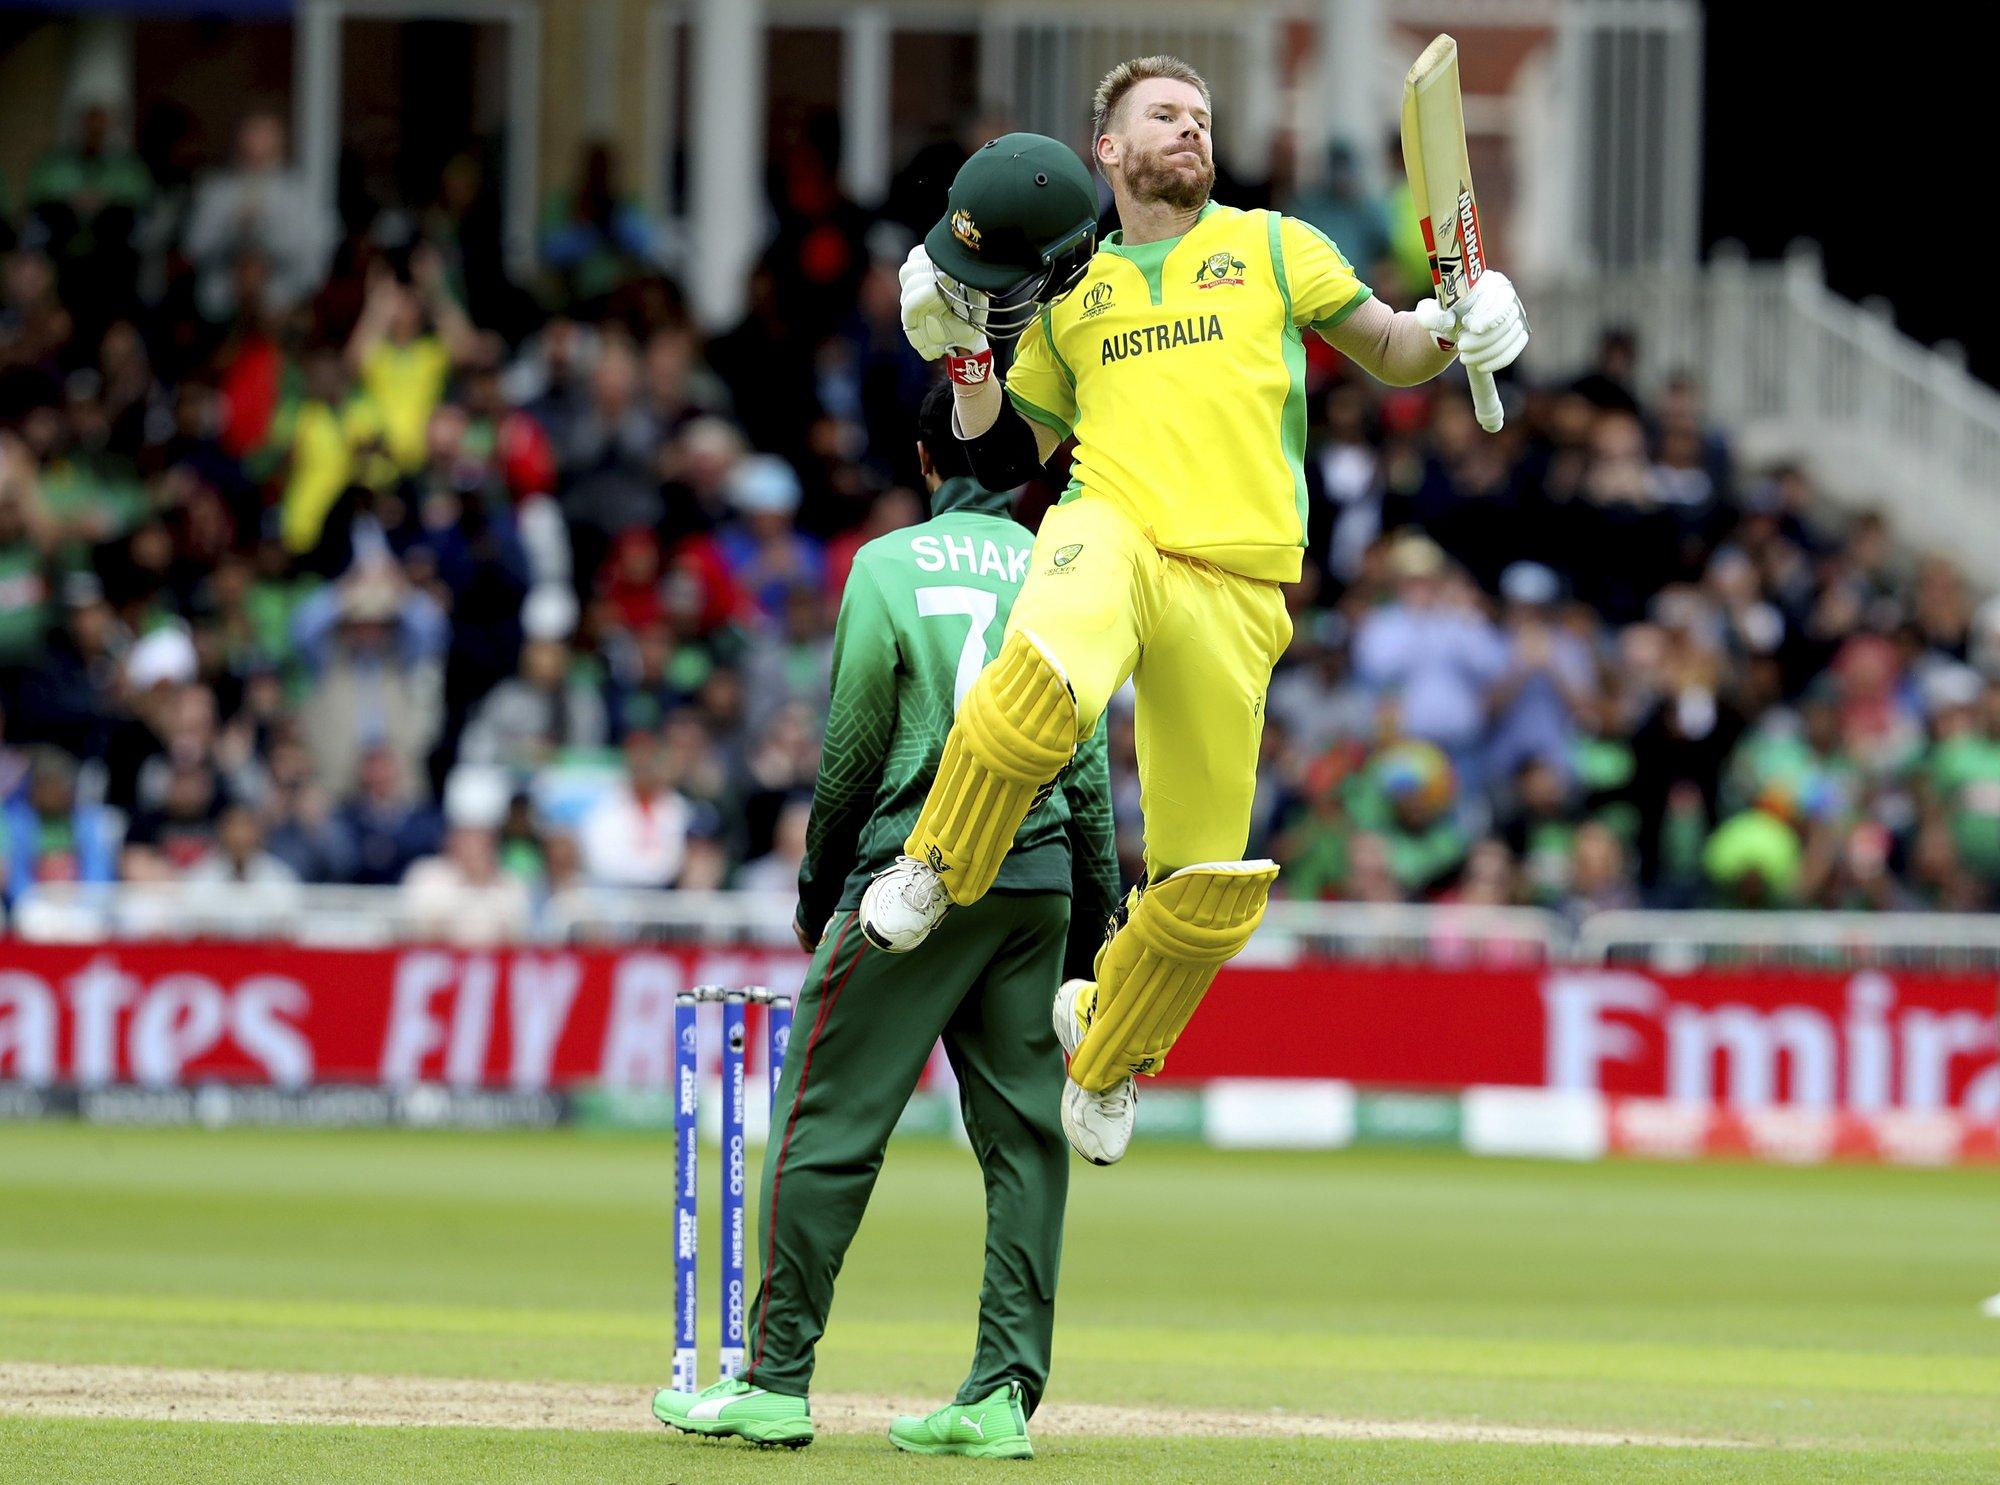 Warner hits 166 as Australia beats Bangladesh by 48 runs